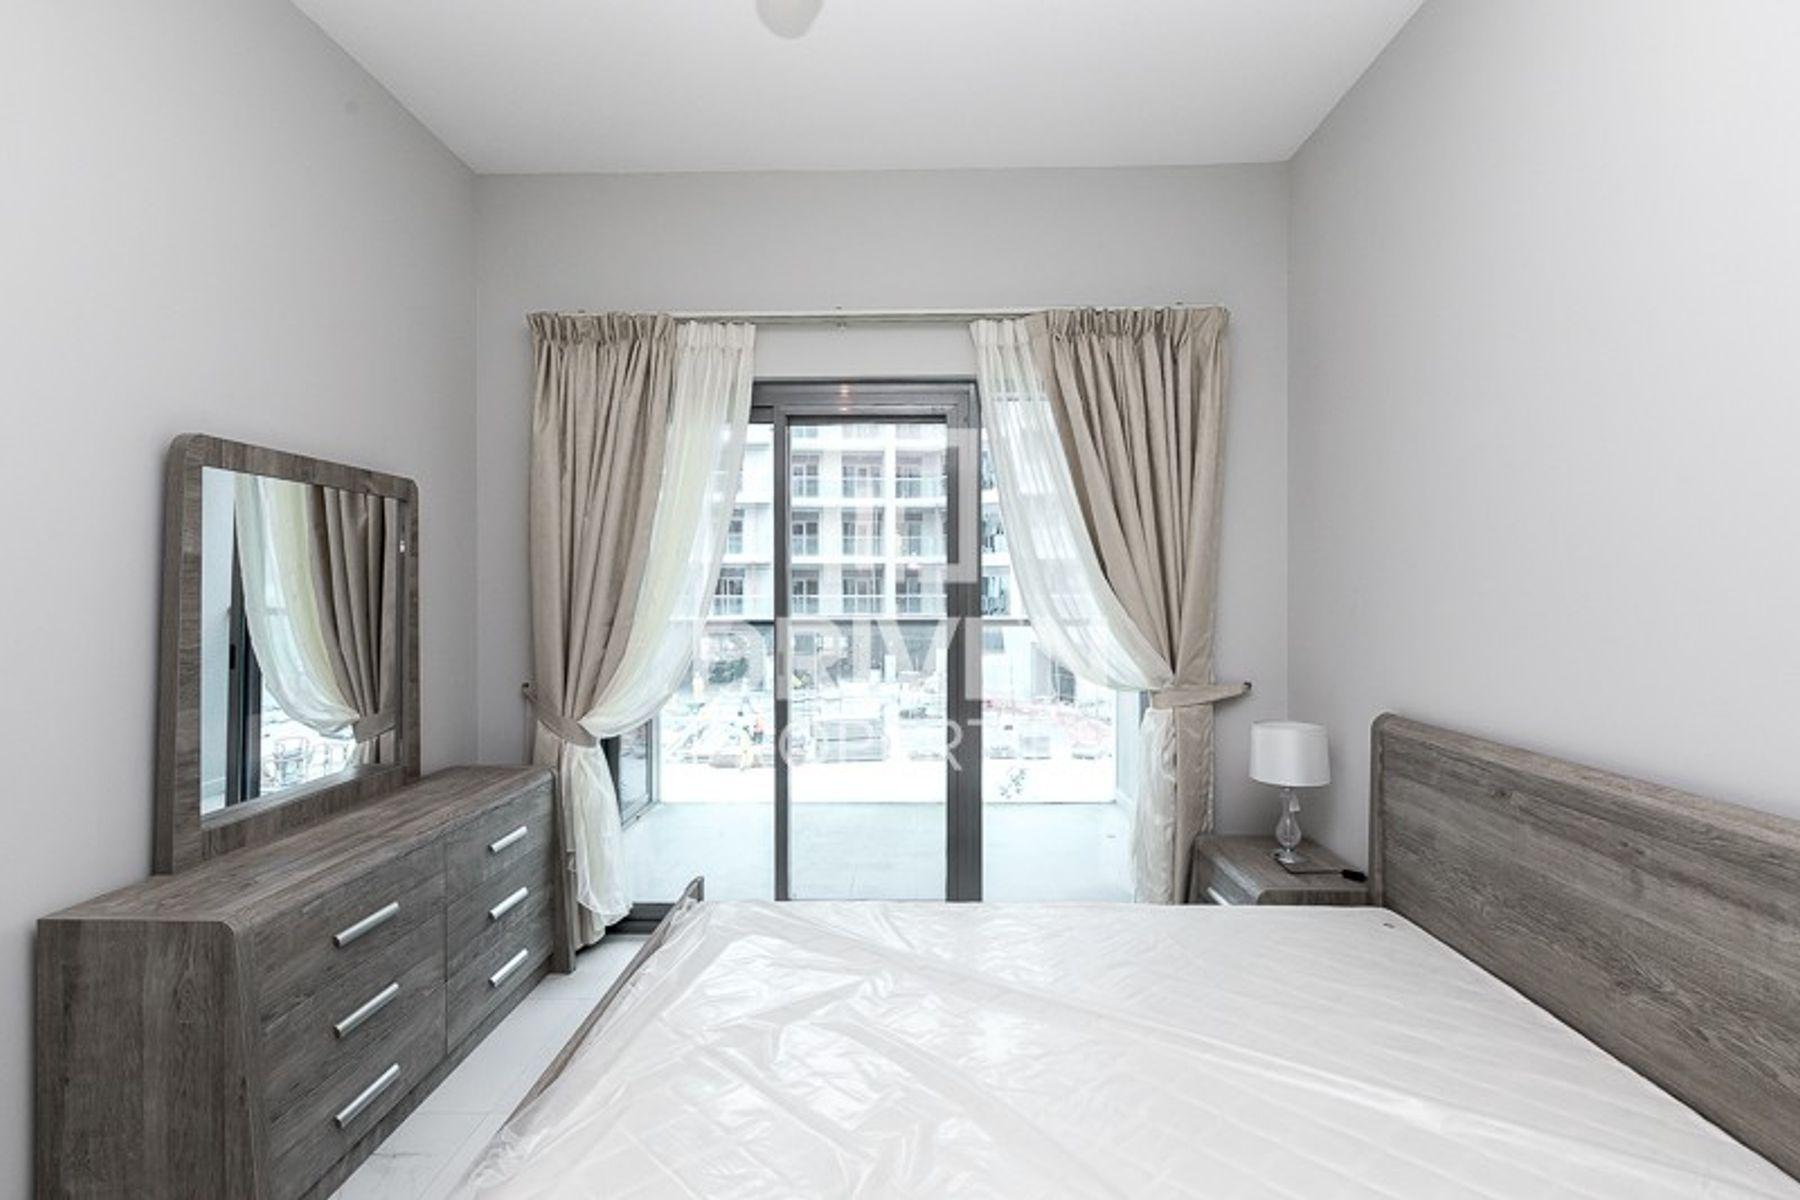 للايجار - شقة - ماج 530 - دبي الجنوب (مركز دبي العالمي)